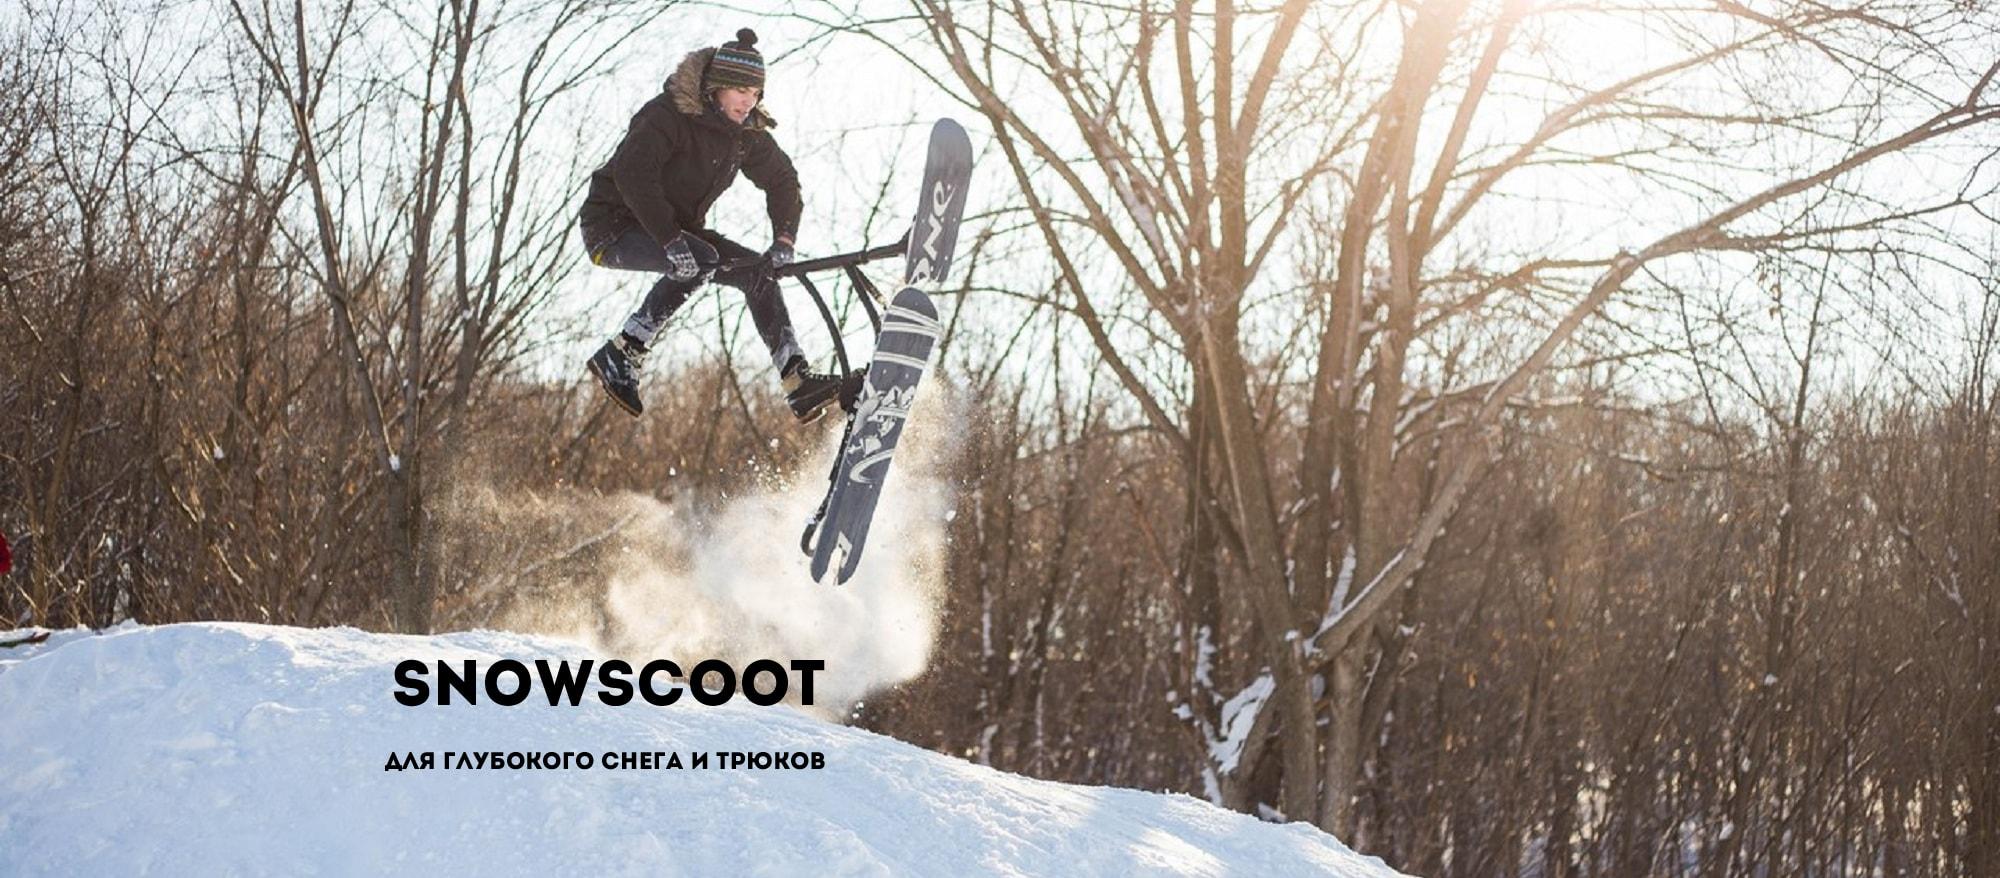 Snowscoot_3